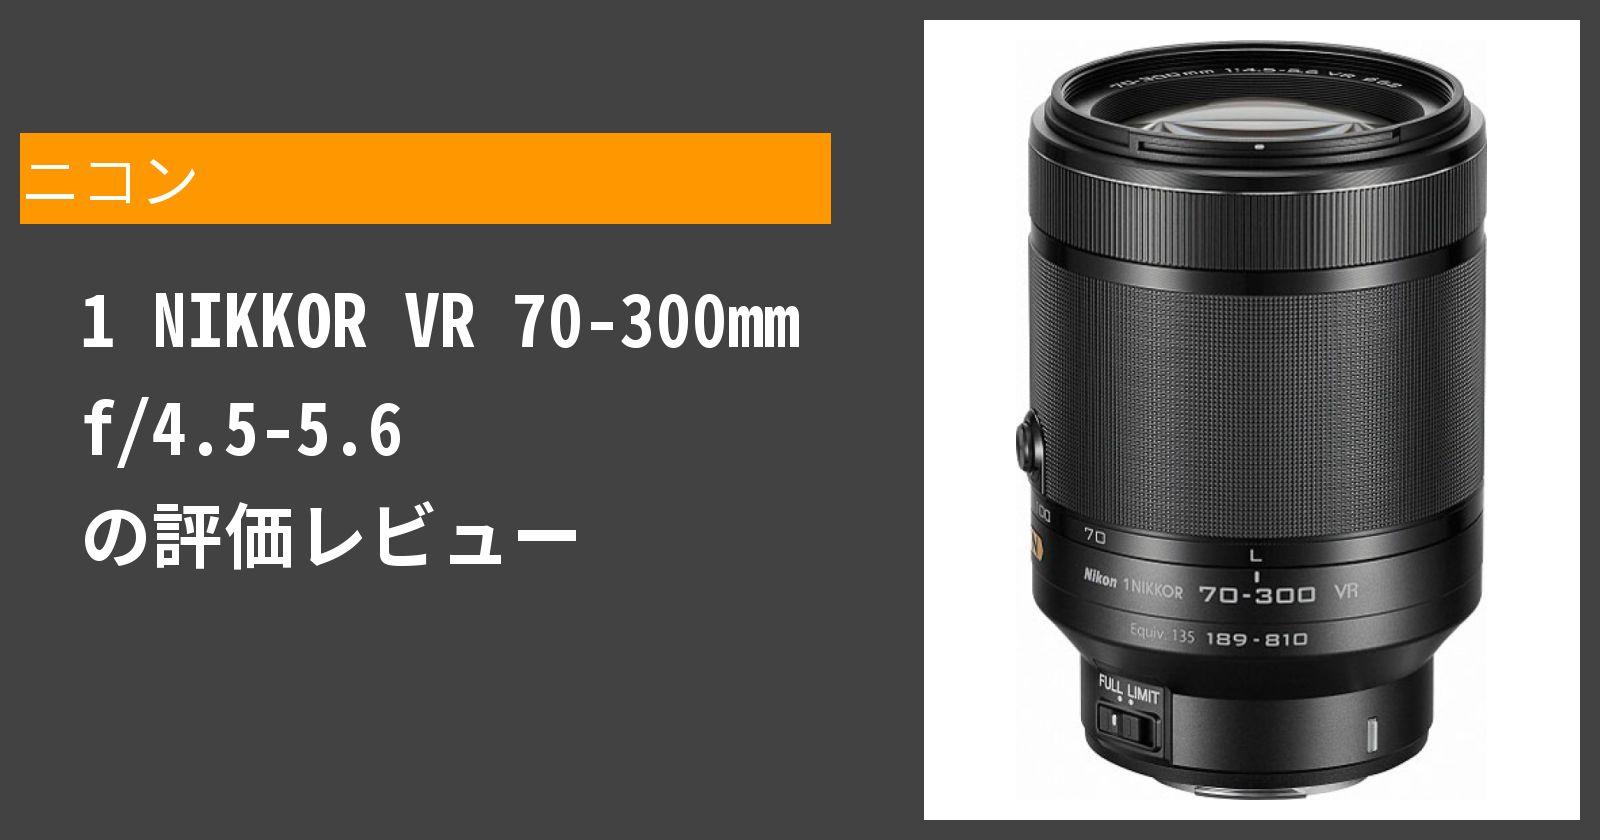 1 NIKKOR VR 70-300mm f/4.5-5.6を徹底評価